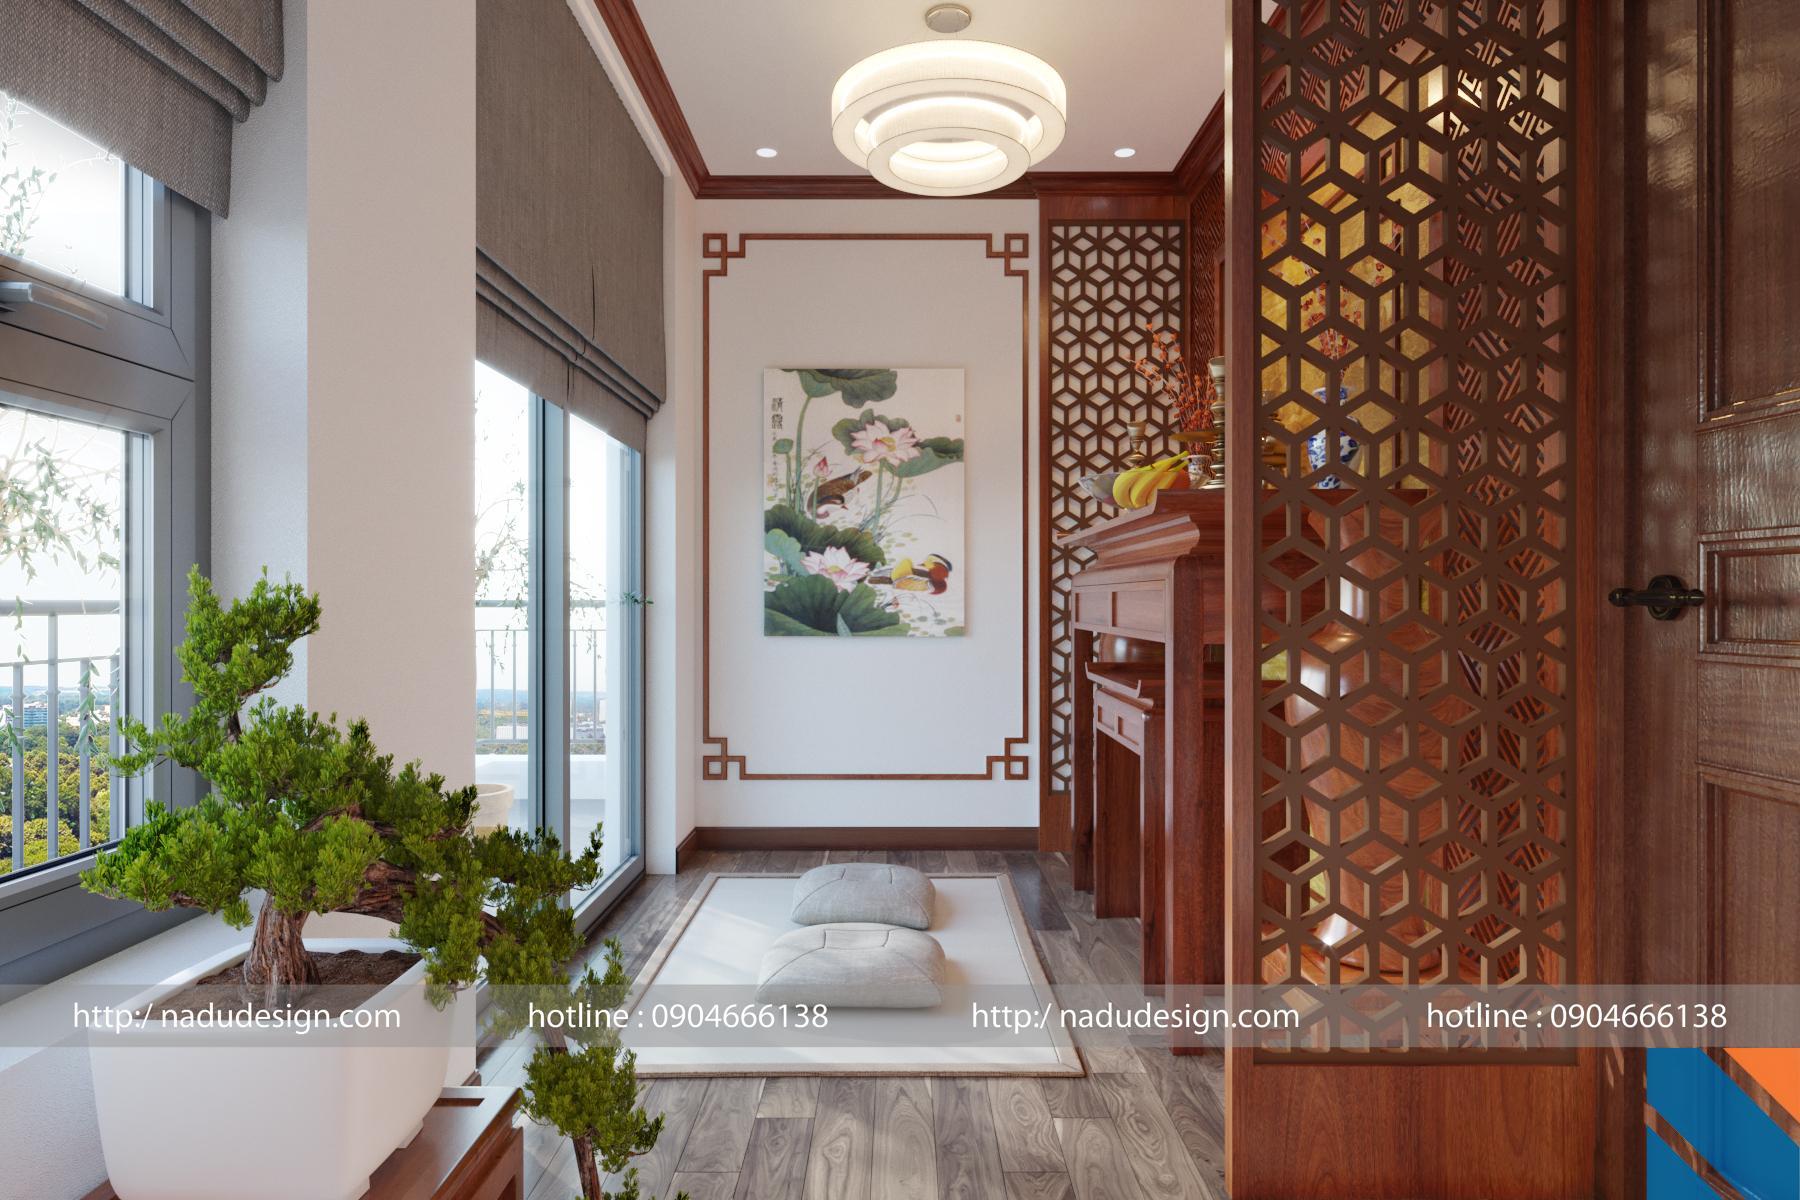 Thiết kế nội thất chung cư cao cấp Greenbay anh Quỳnh